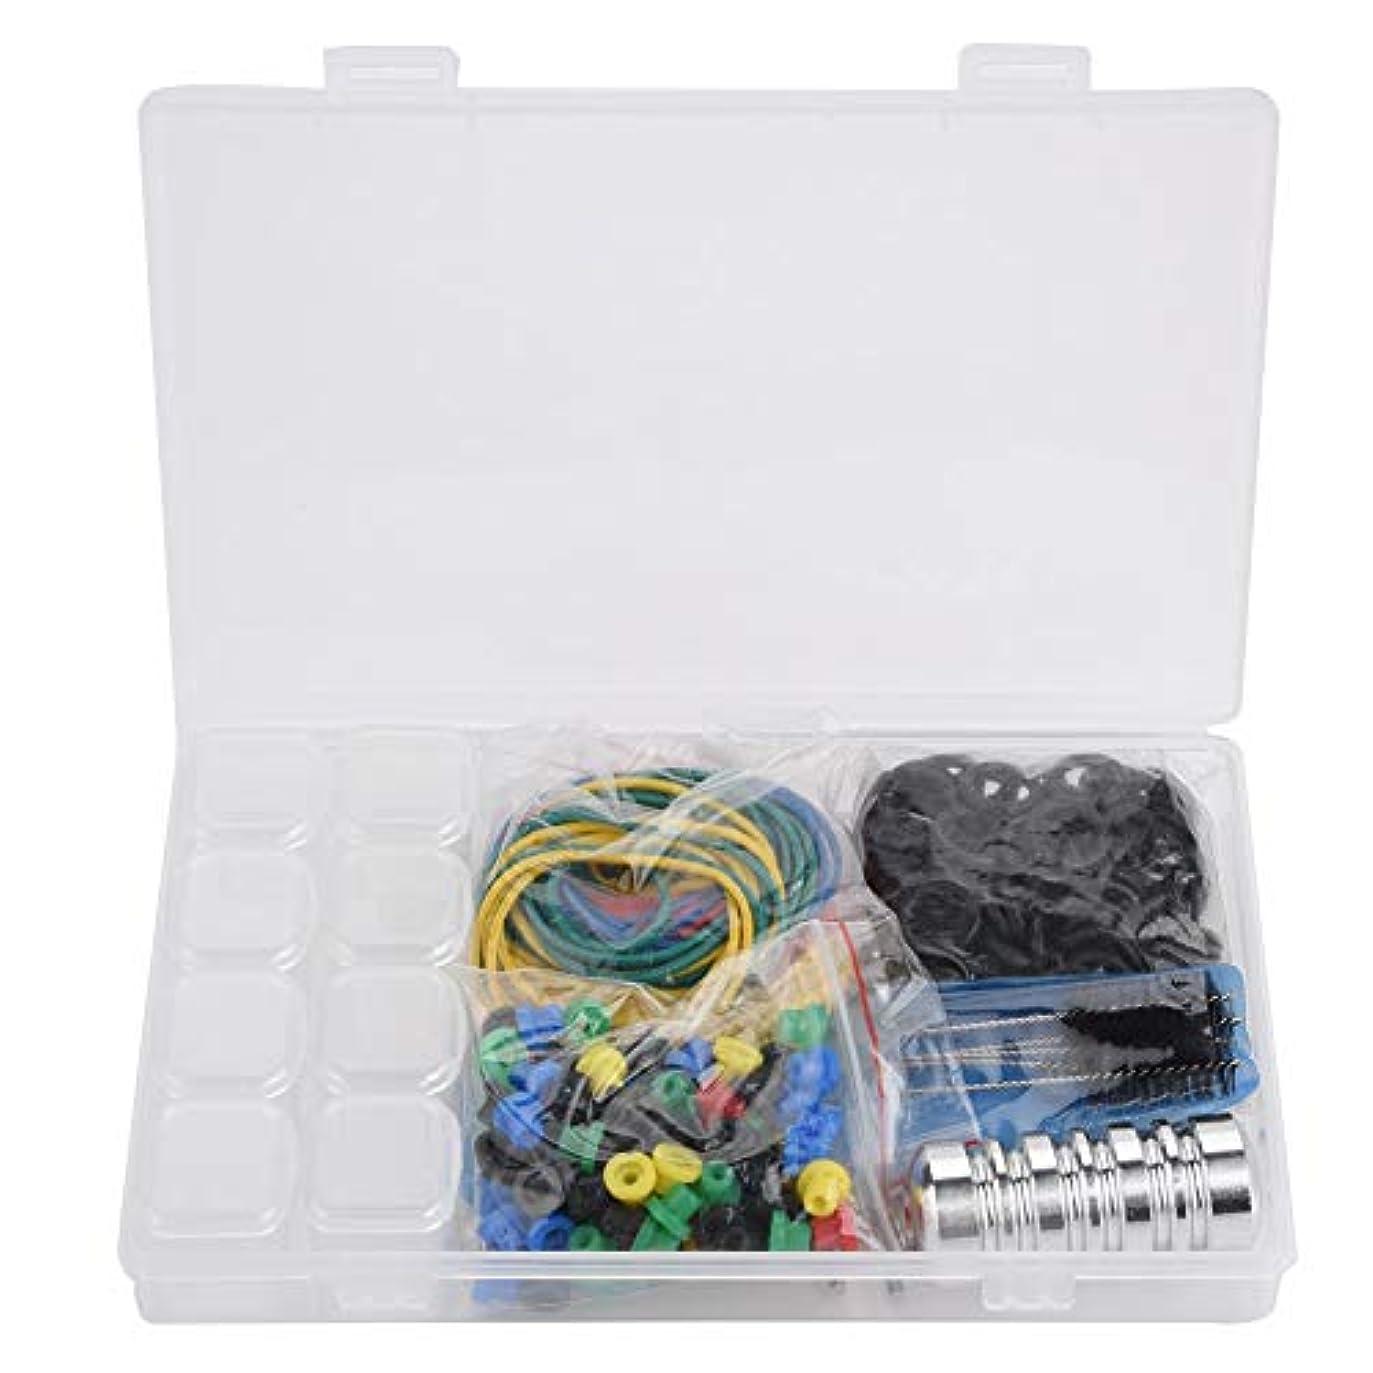 生じる計算する警告するタトゥーマシンアクセサリー、ゴムバンド タトゥー針などが豊富で、収納ボックス付き